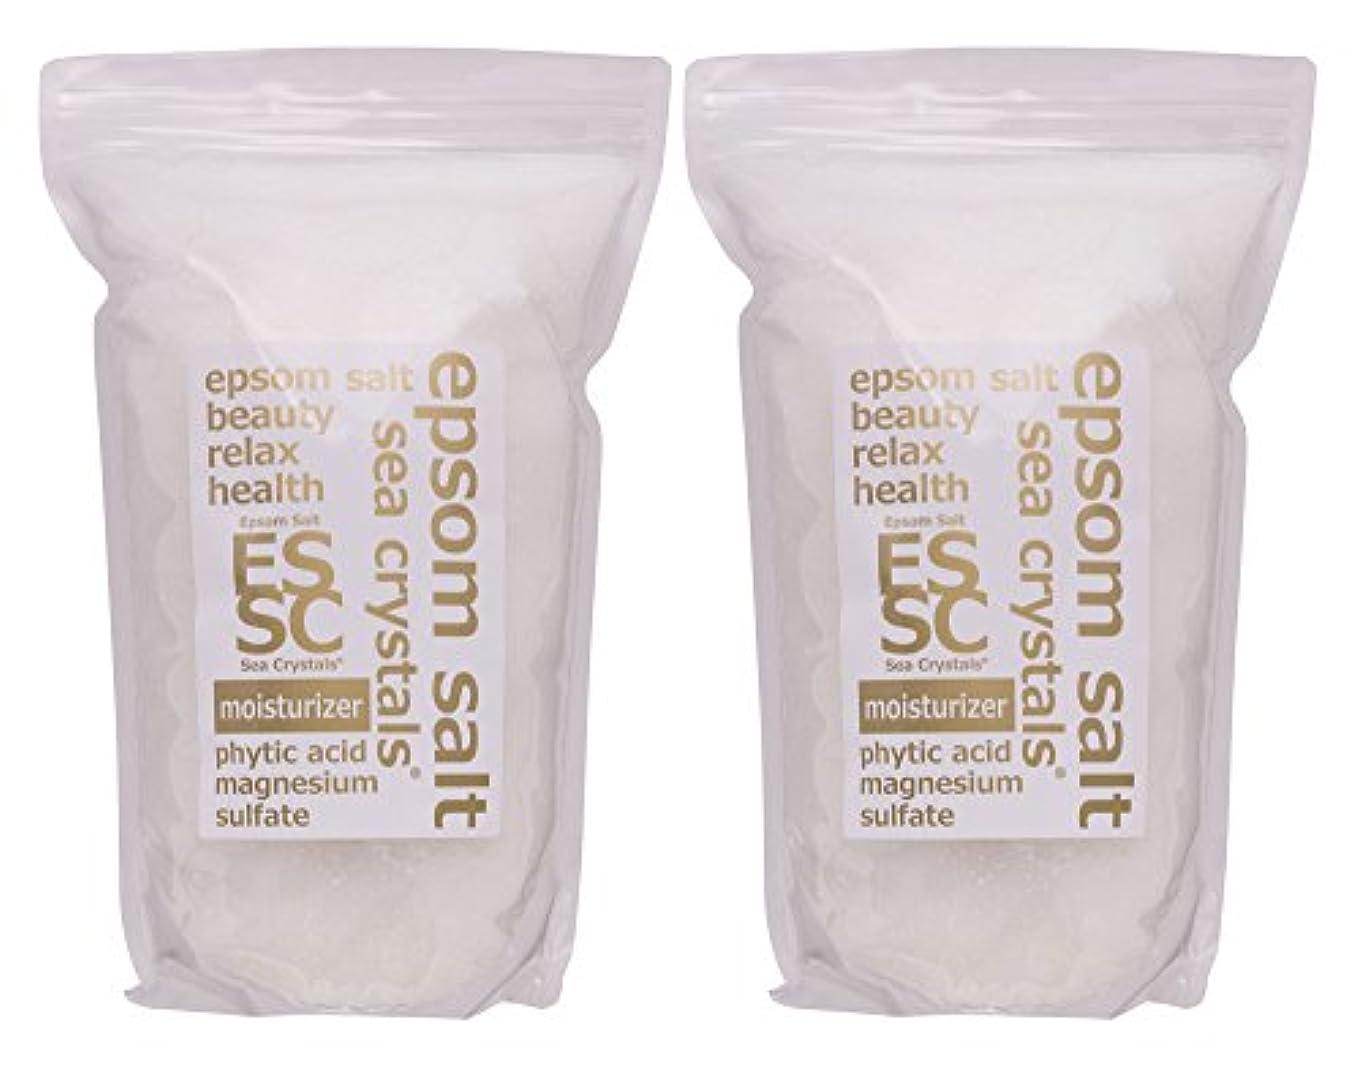 確認してください煙自発的エプソムソルト 8kg (4kgX2) モイスチャライザー 入浴剤(浴用化粧品) フィチン酸配合 シークリスタルス 計量スプーン付